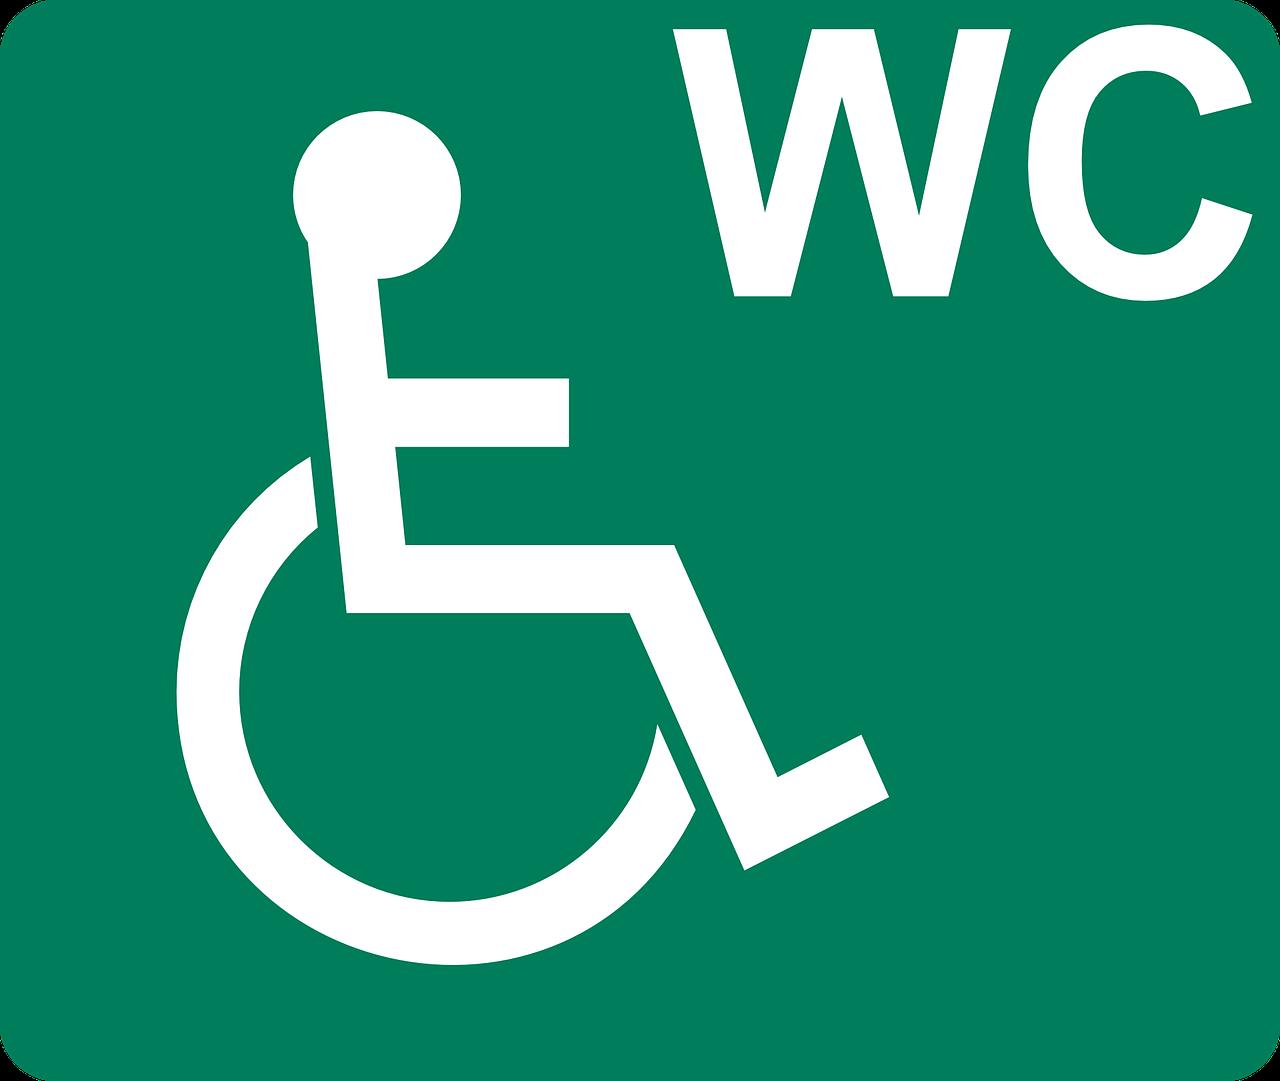 Top-care instelling gehandicaptenzorg verstandelijk gehandicapten beoordeling